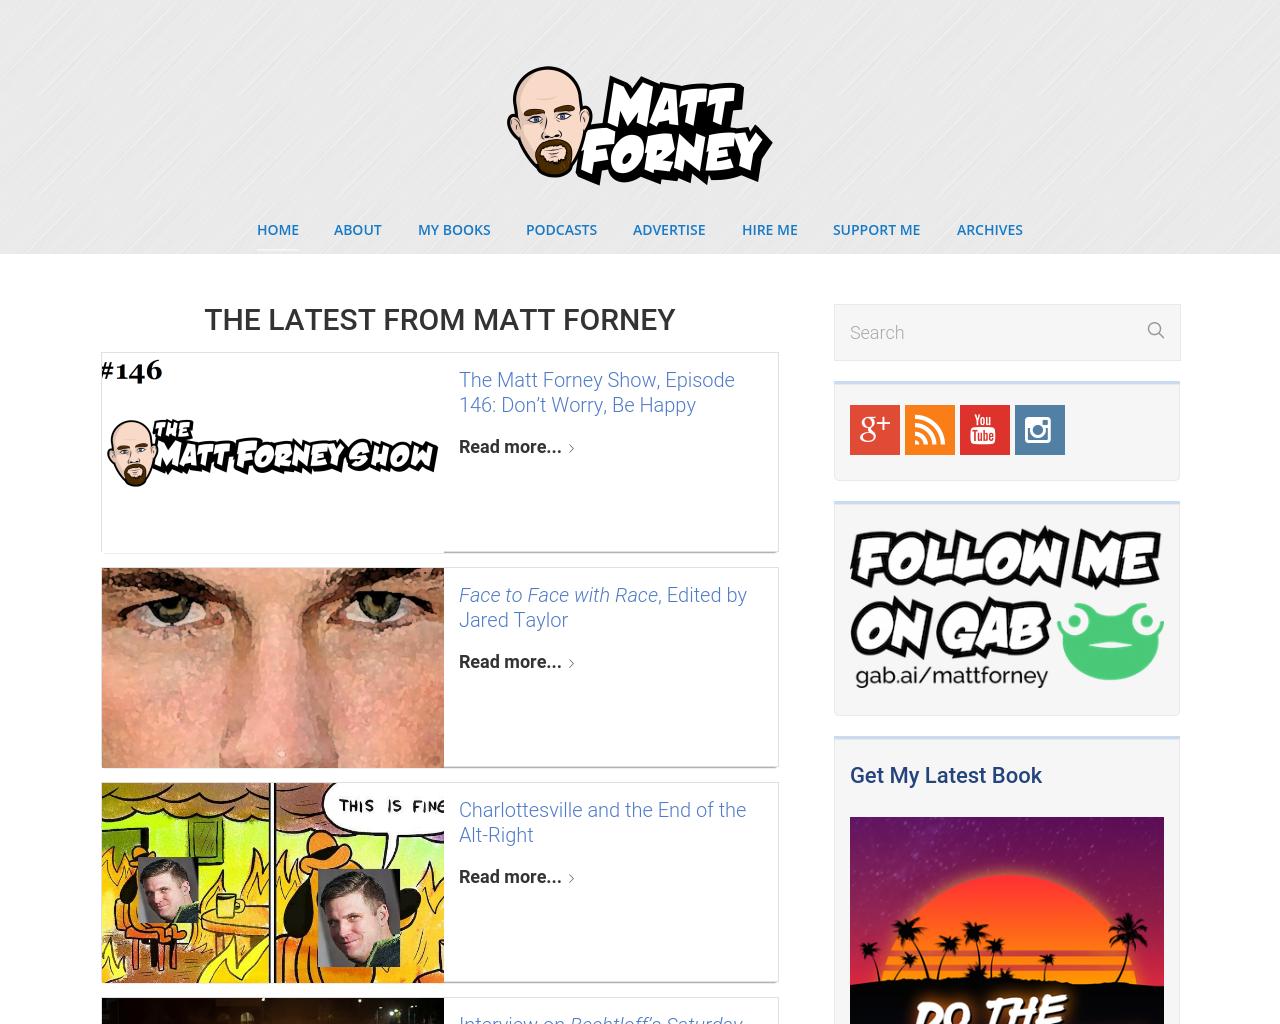 MattForney.com-Advertising-Reviews-Pricing